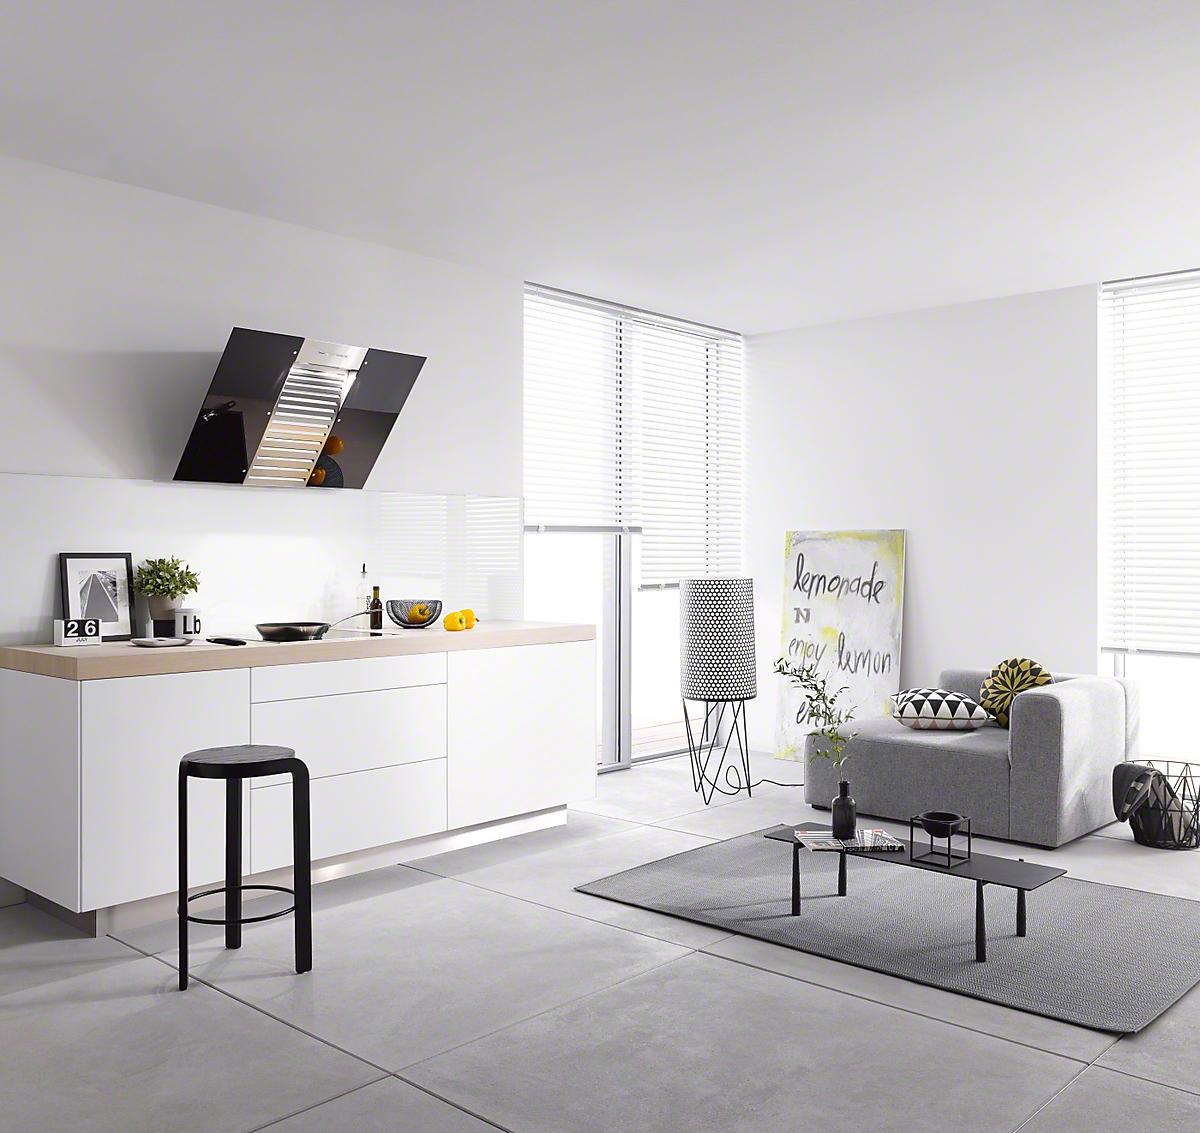 Dunstabzugshauben im Test - Gute Küchenluft ist leider teuer | STERN.de